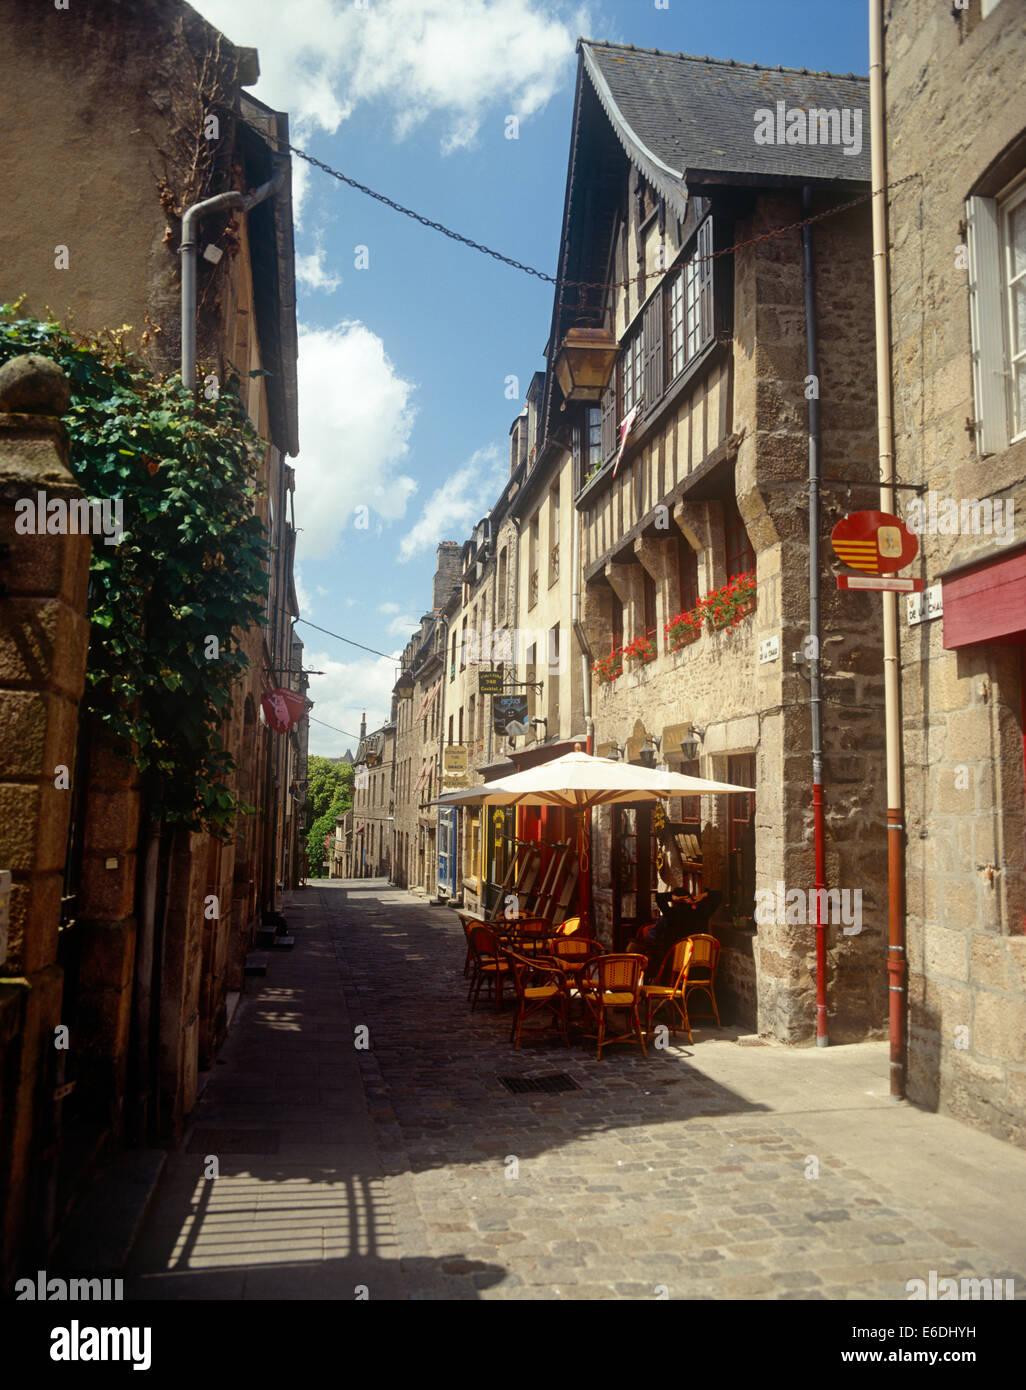 French street scene in Rue du Jerzual Dinan - Stock Image